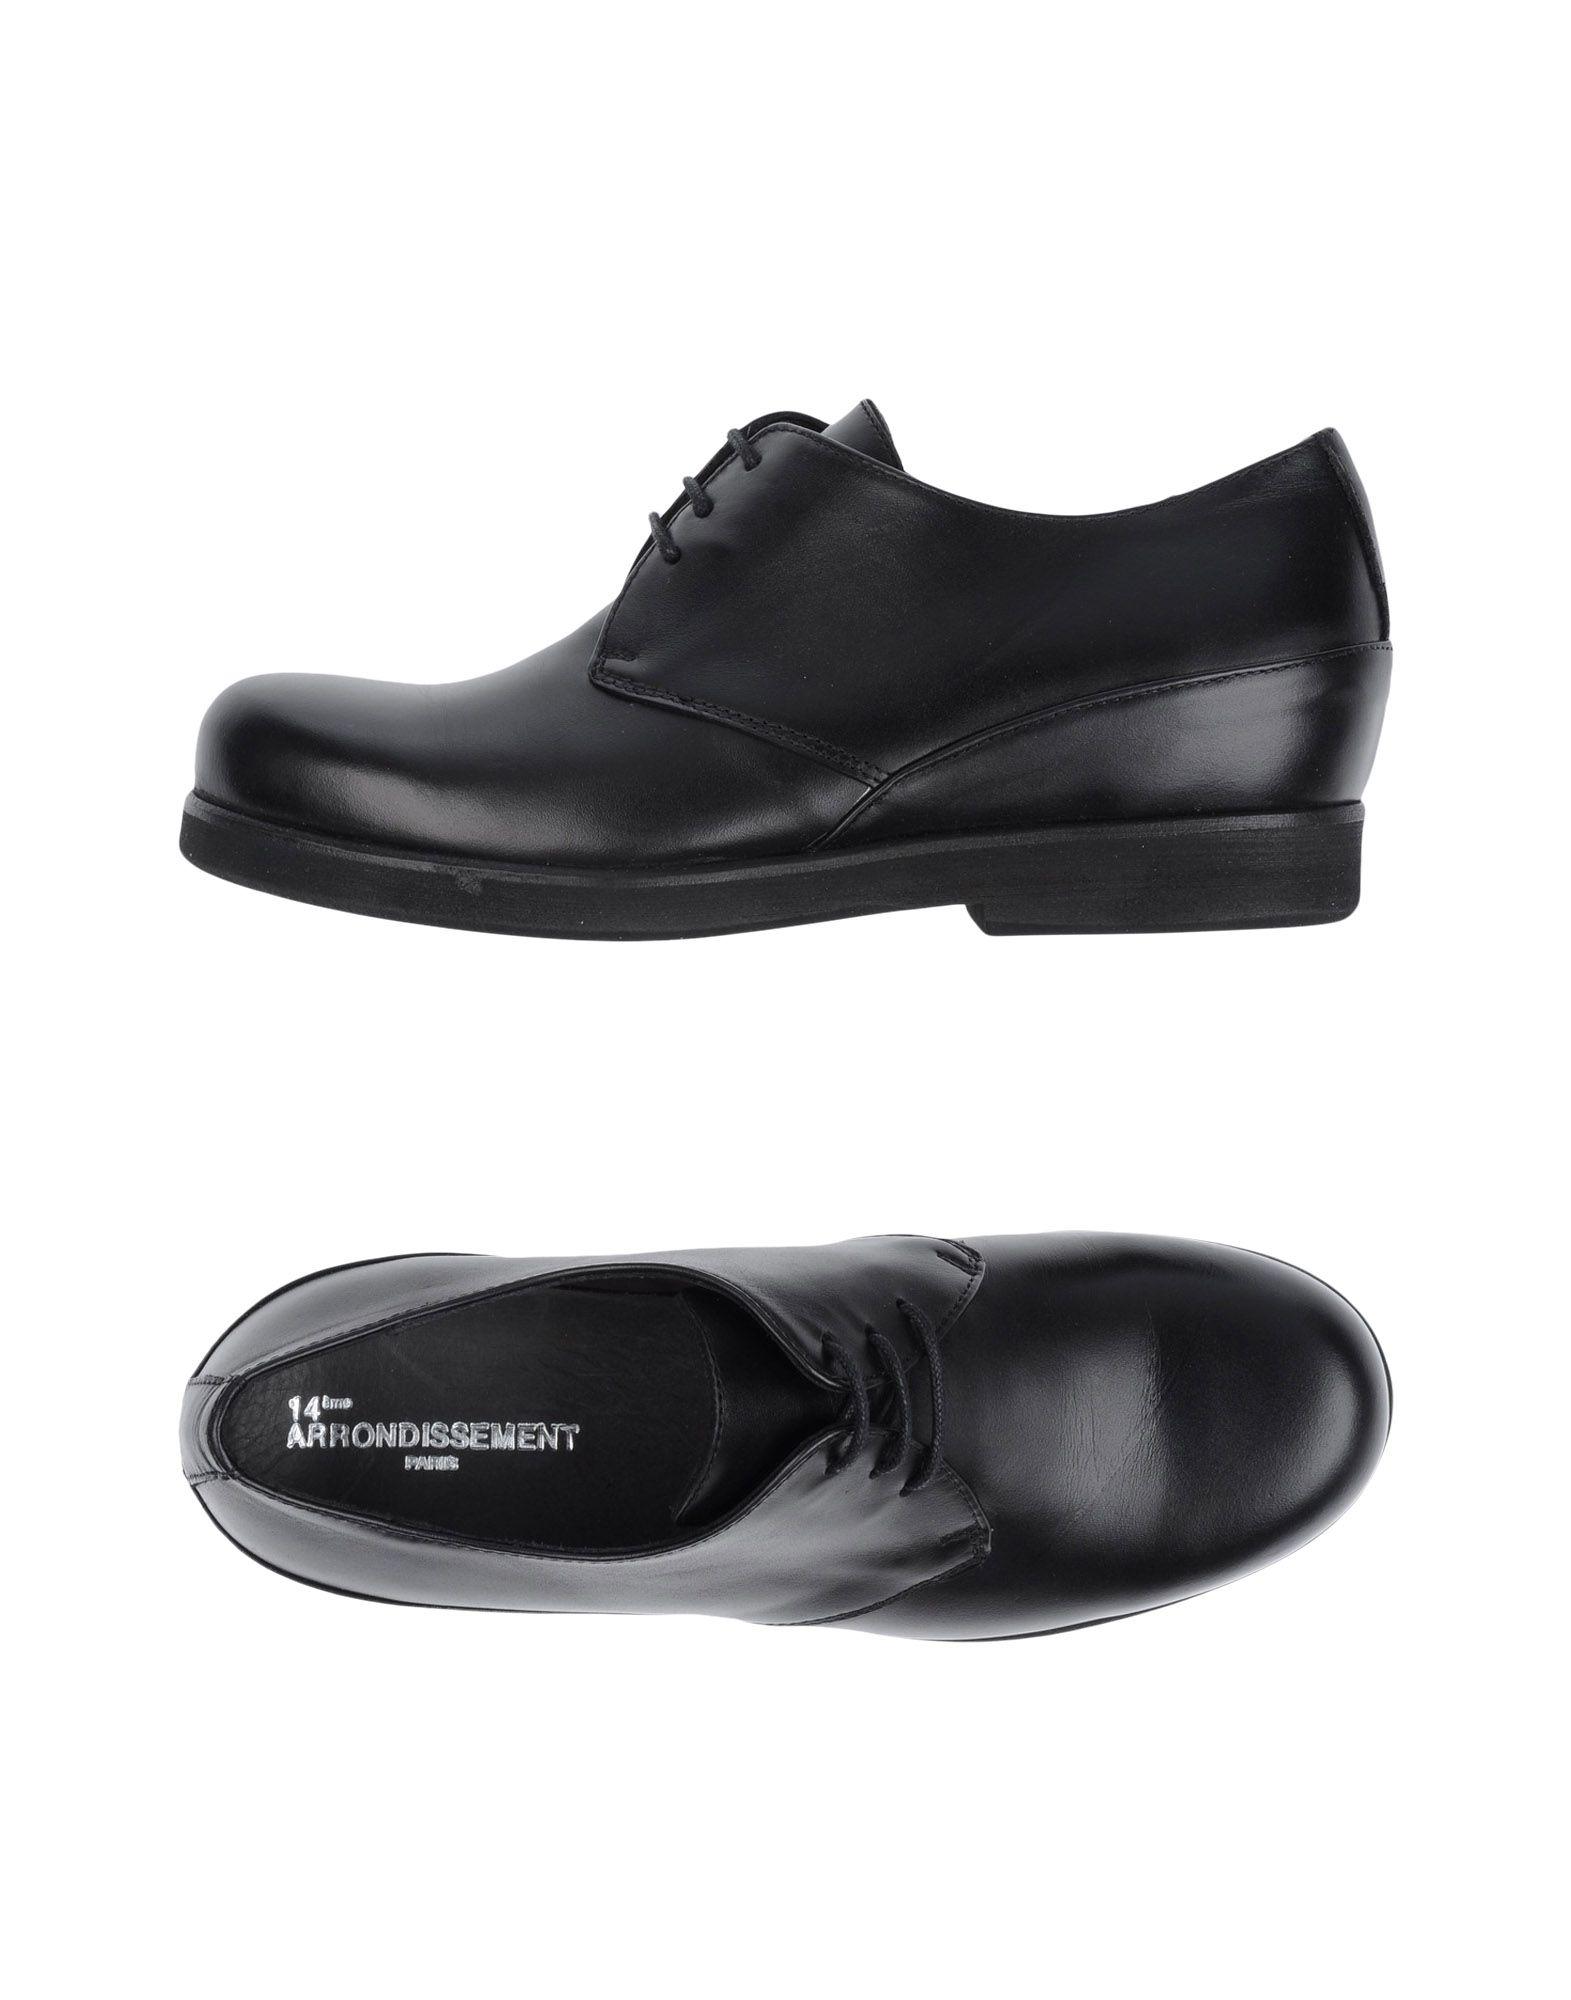 Chaussures À Lacets 14Ème Arrondissement Femme - Chaussures À Lacets 14Ème Arrondissement sur